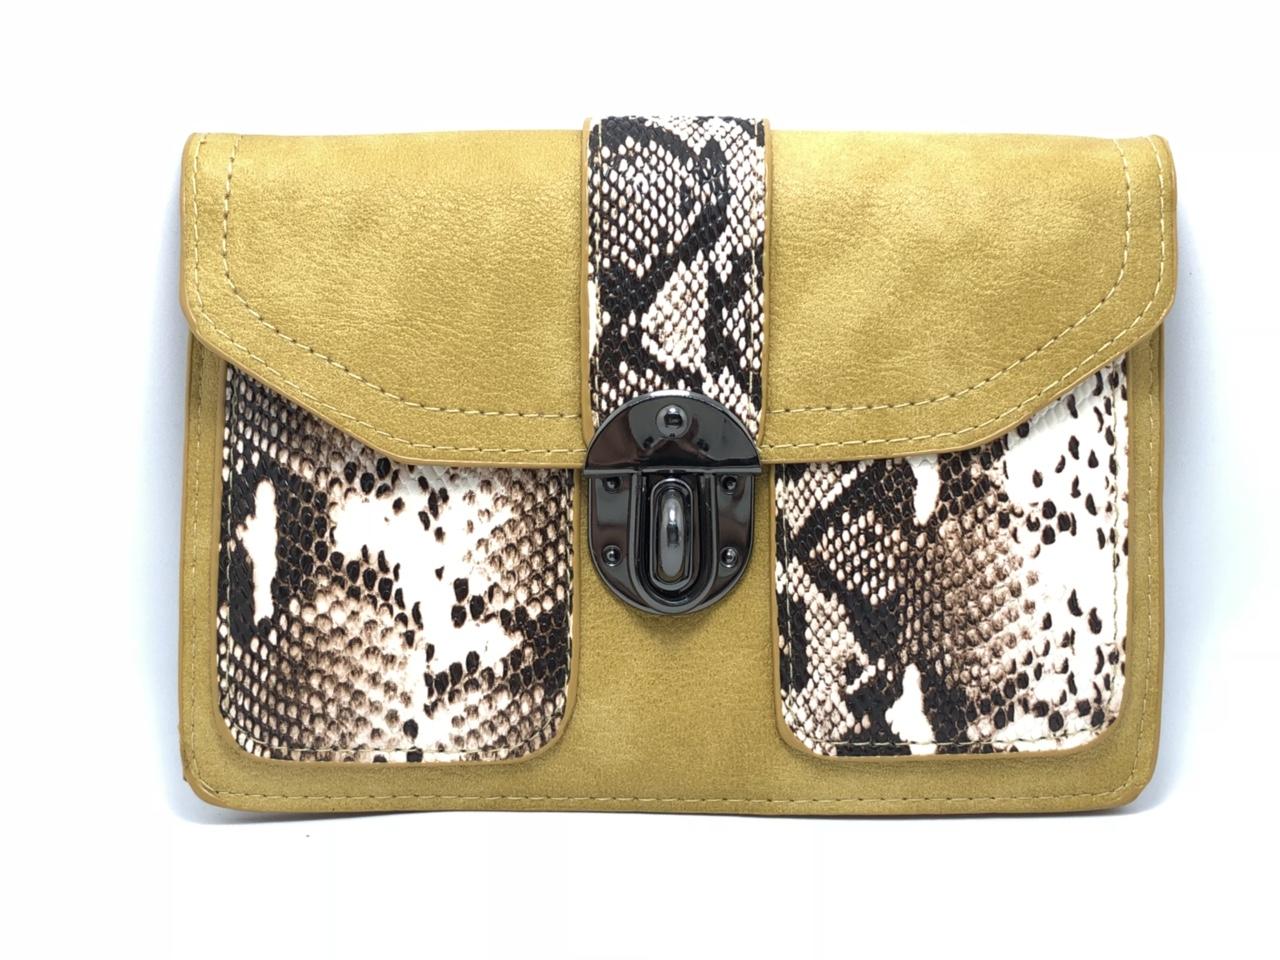 Túi xách đeo chéo 421 hình da trăn